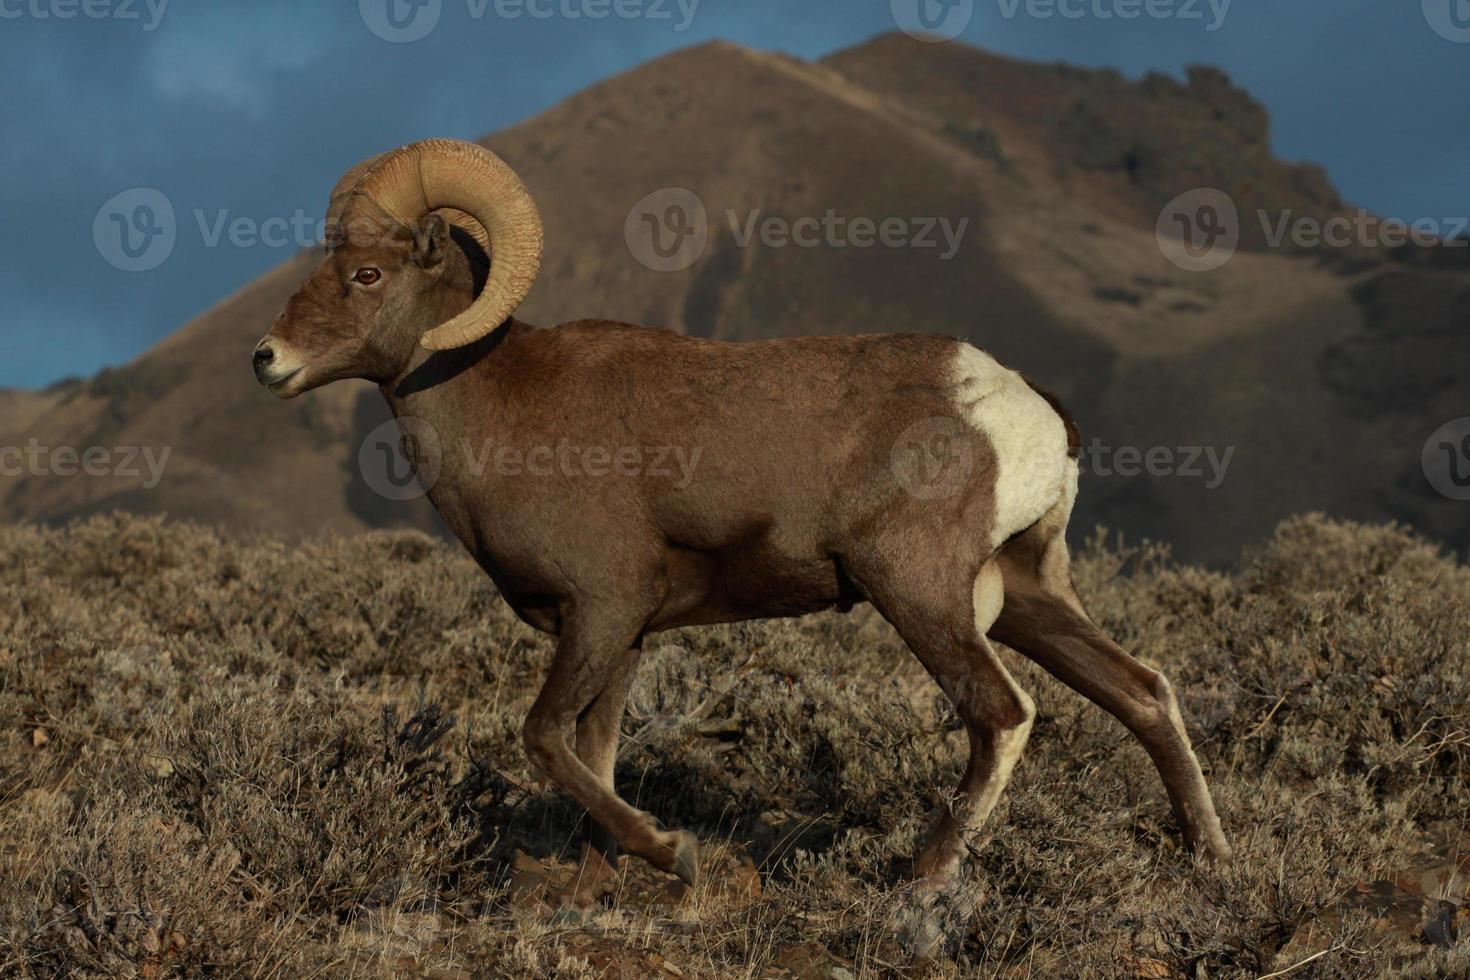 carnero borrego cimarrón del desierto camina a través de la salvia rígida foto